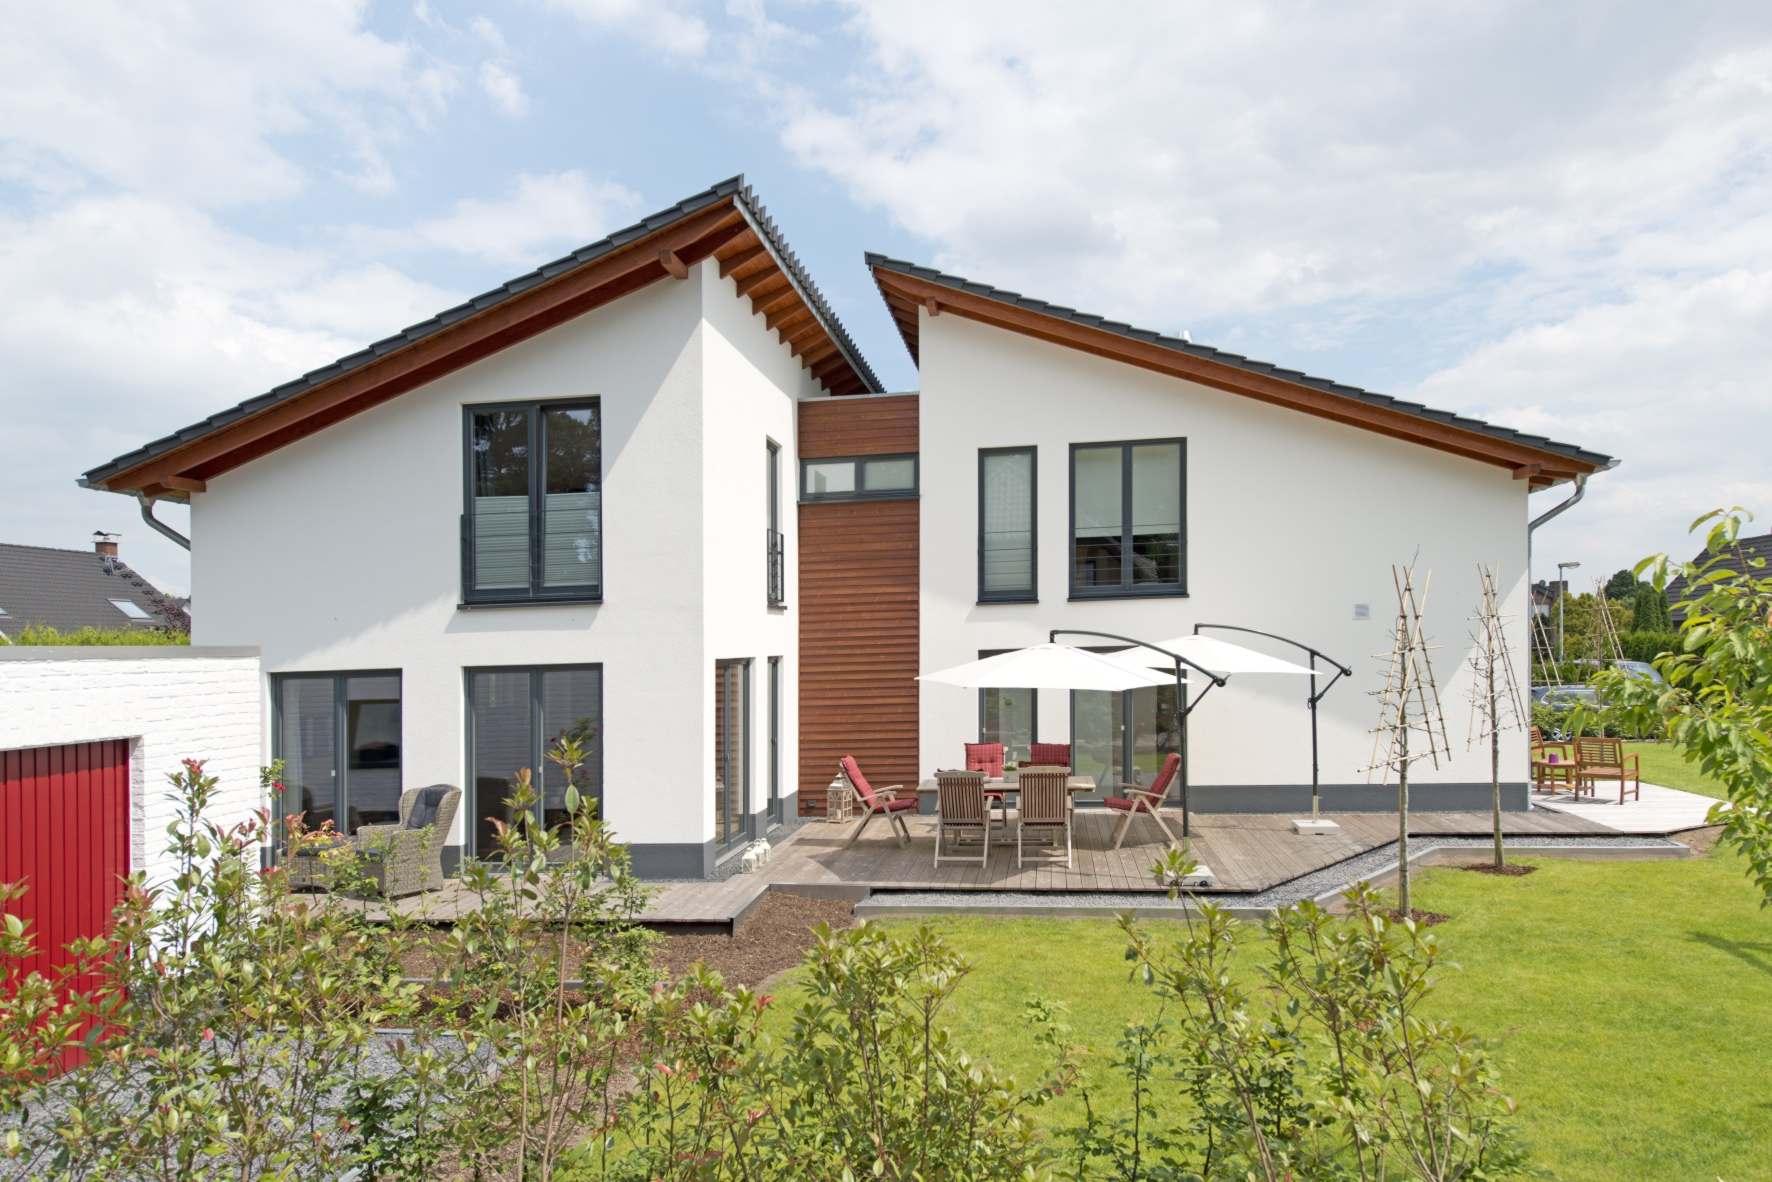 individuelles Fertighaus, Mehrgenerationenhaus Pultdach, Putzfassade, Holzfassade